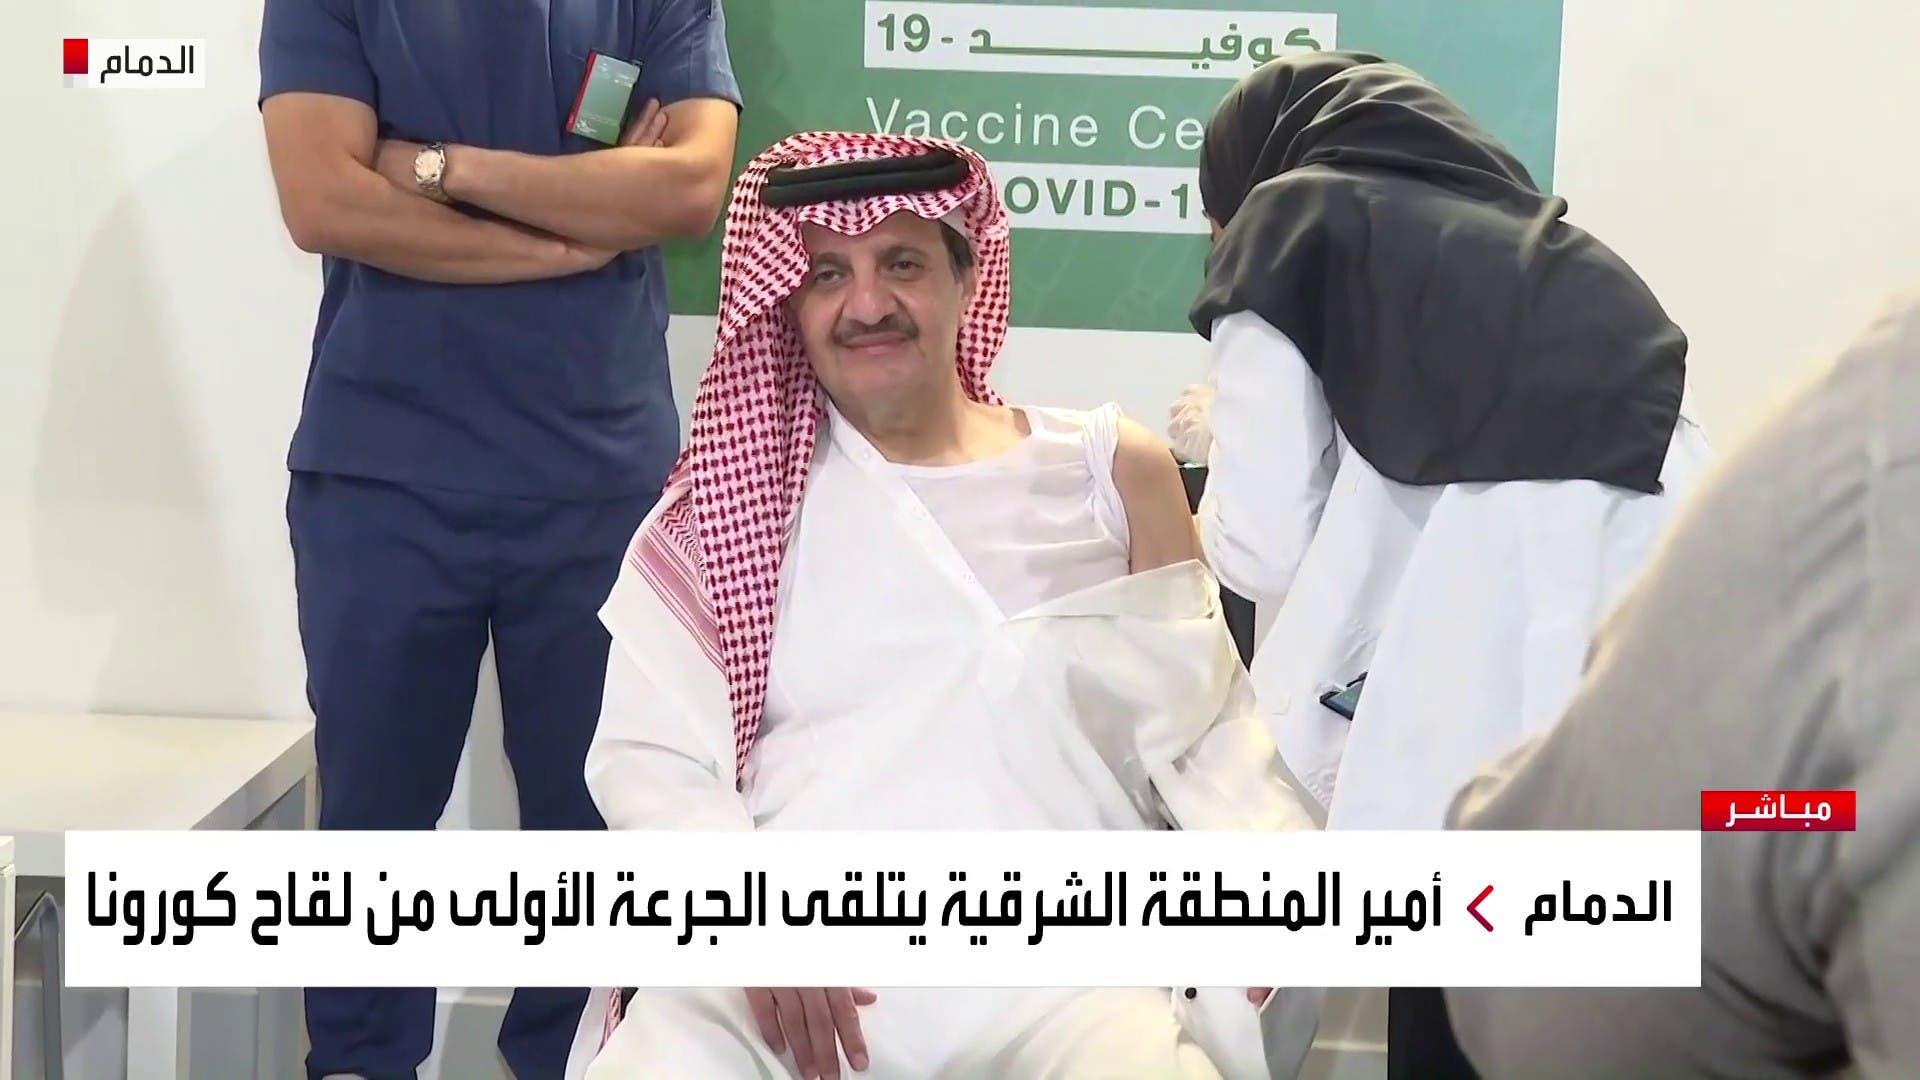 أمير المنطقة الشرقية يتلقى اللقاح